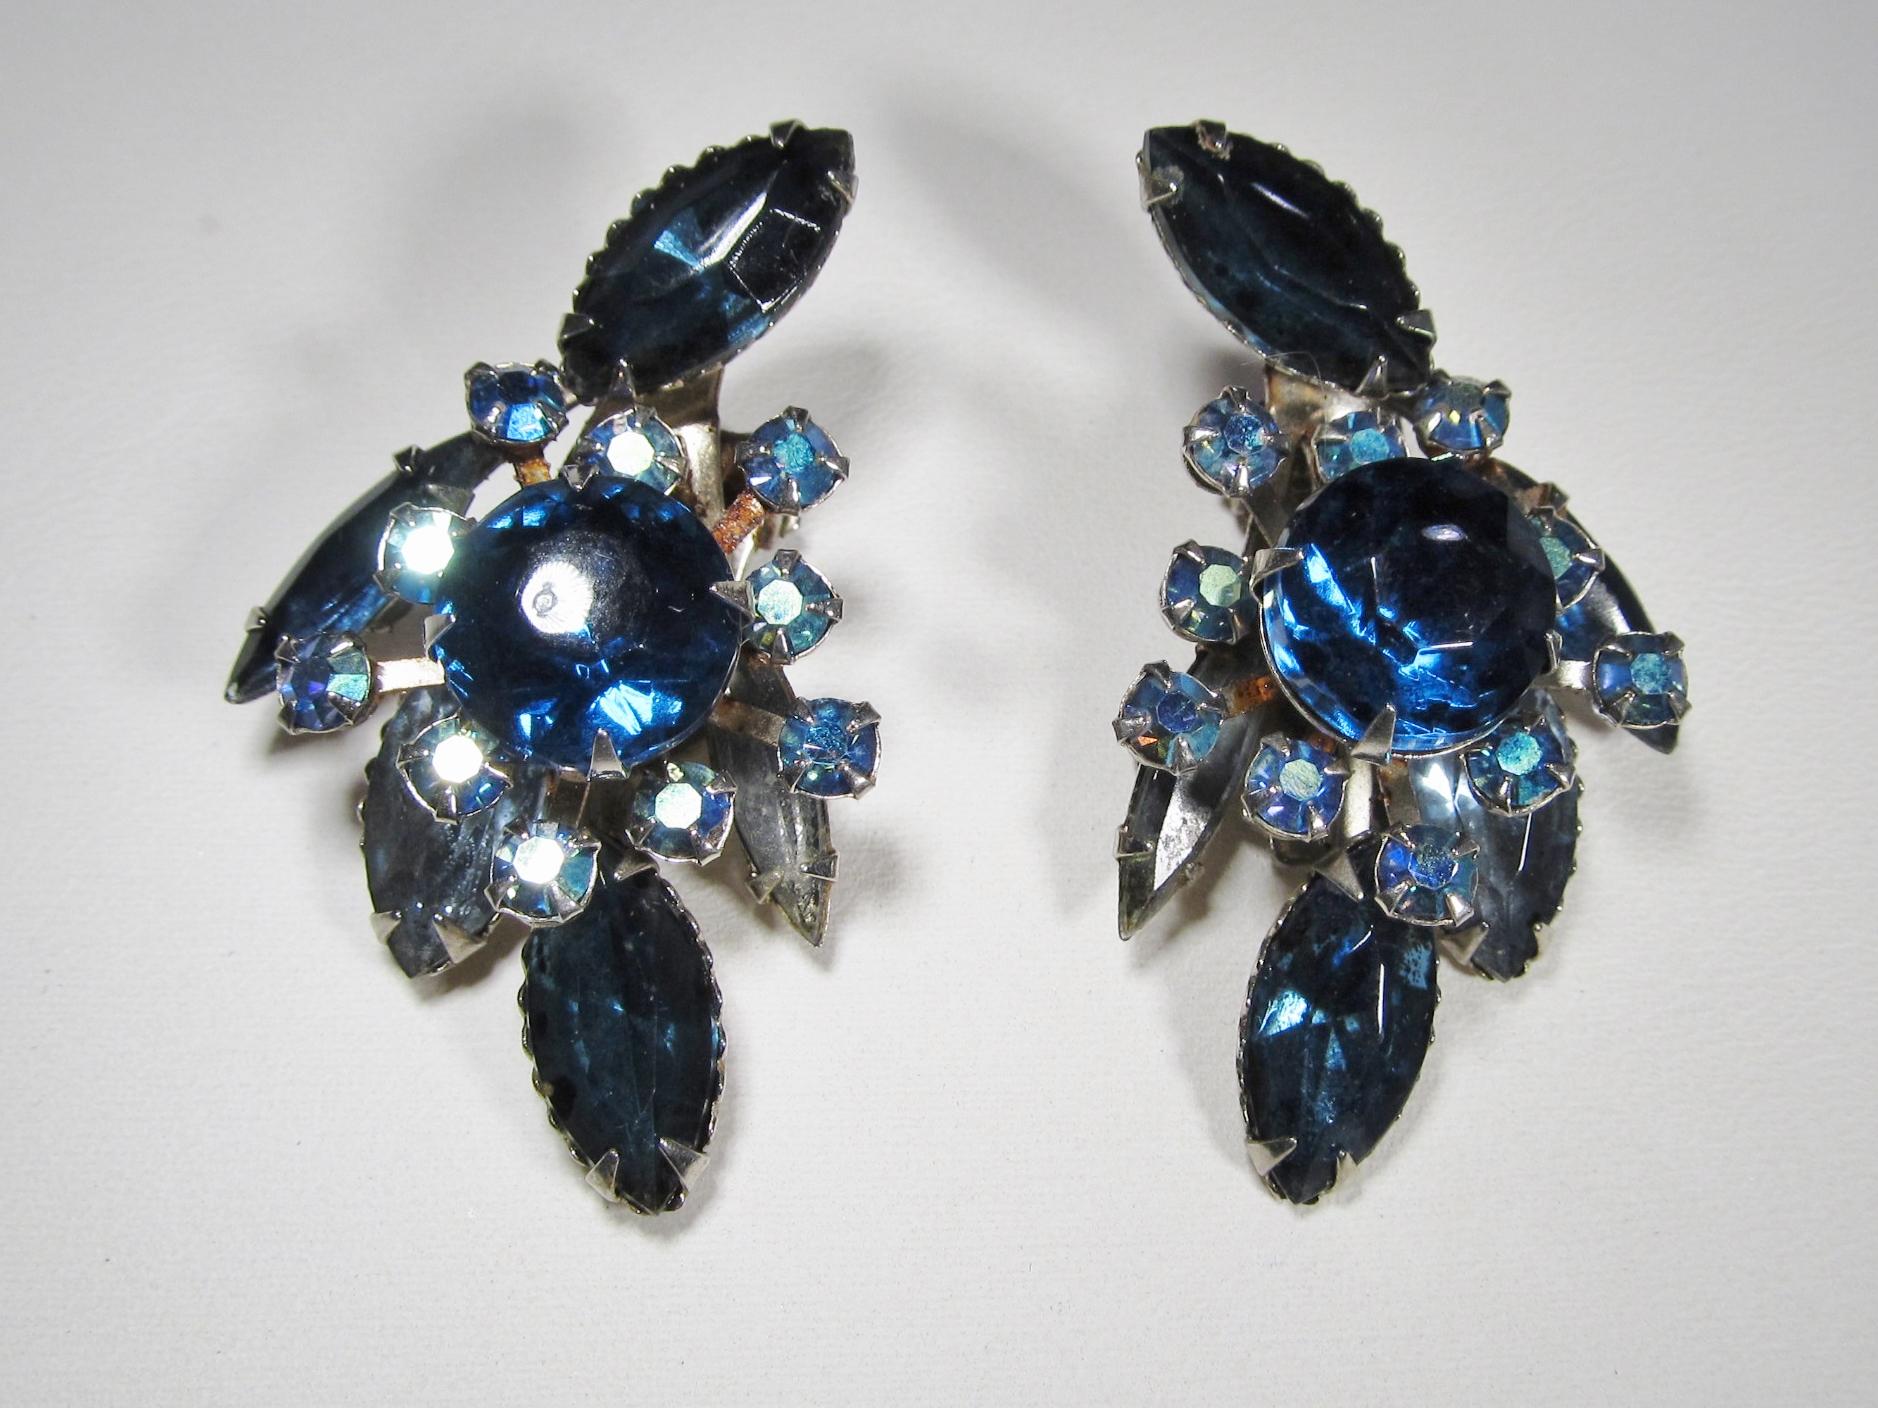 Beau Jewels Blue Rhinestone Aurora Borealis Clip Earrings Wc 219